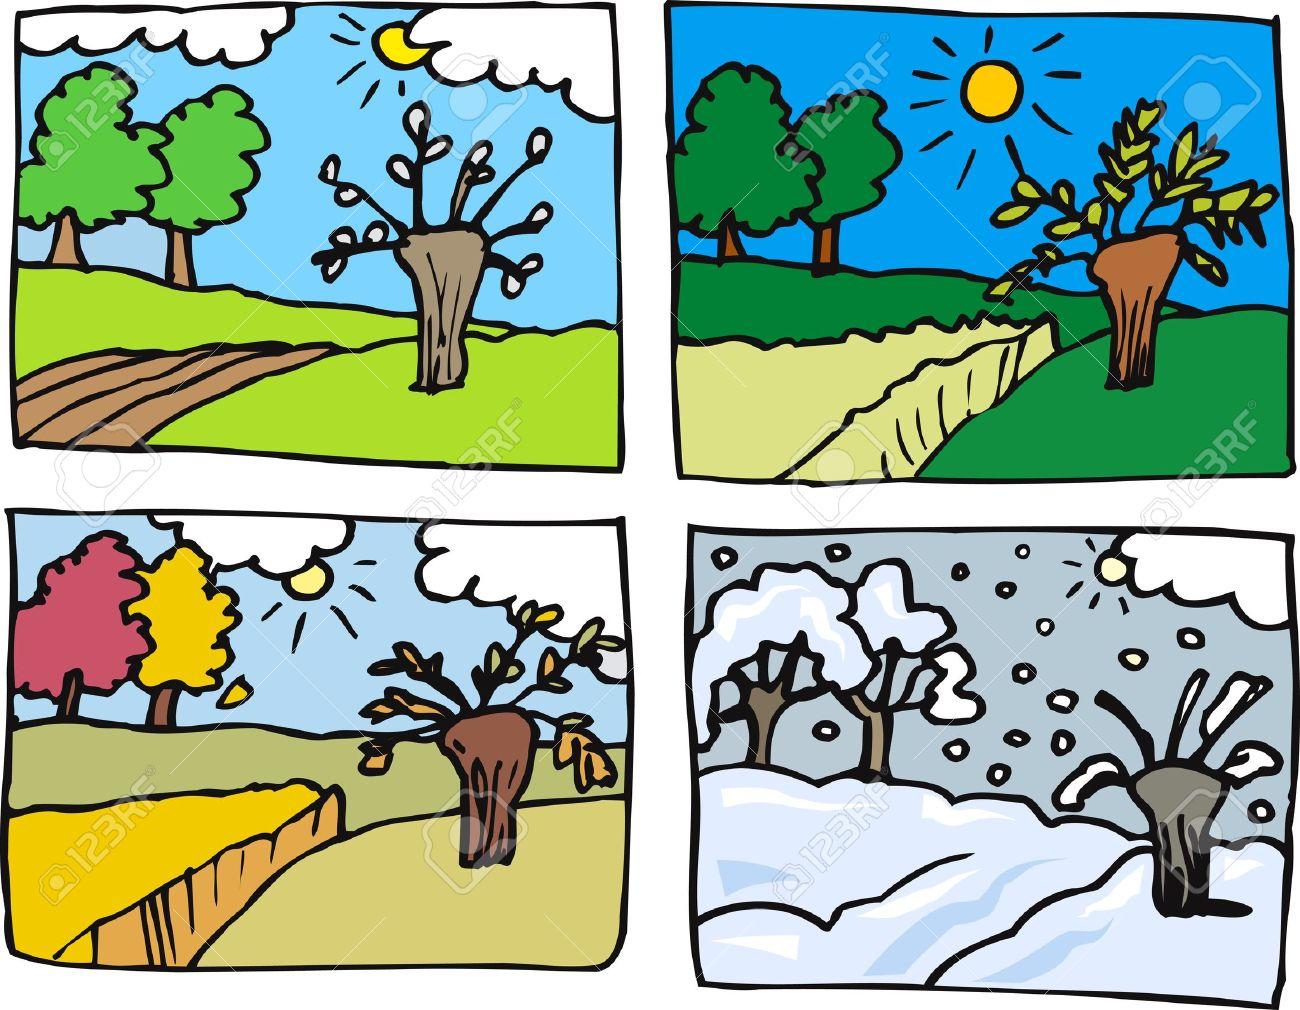 Banque d'images - Illustration de dessin animé du paysage rural dans quatre  Saisons Printemps, Eté, Automne ou automne et l'hiver